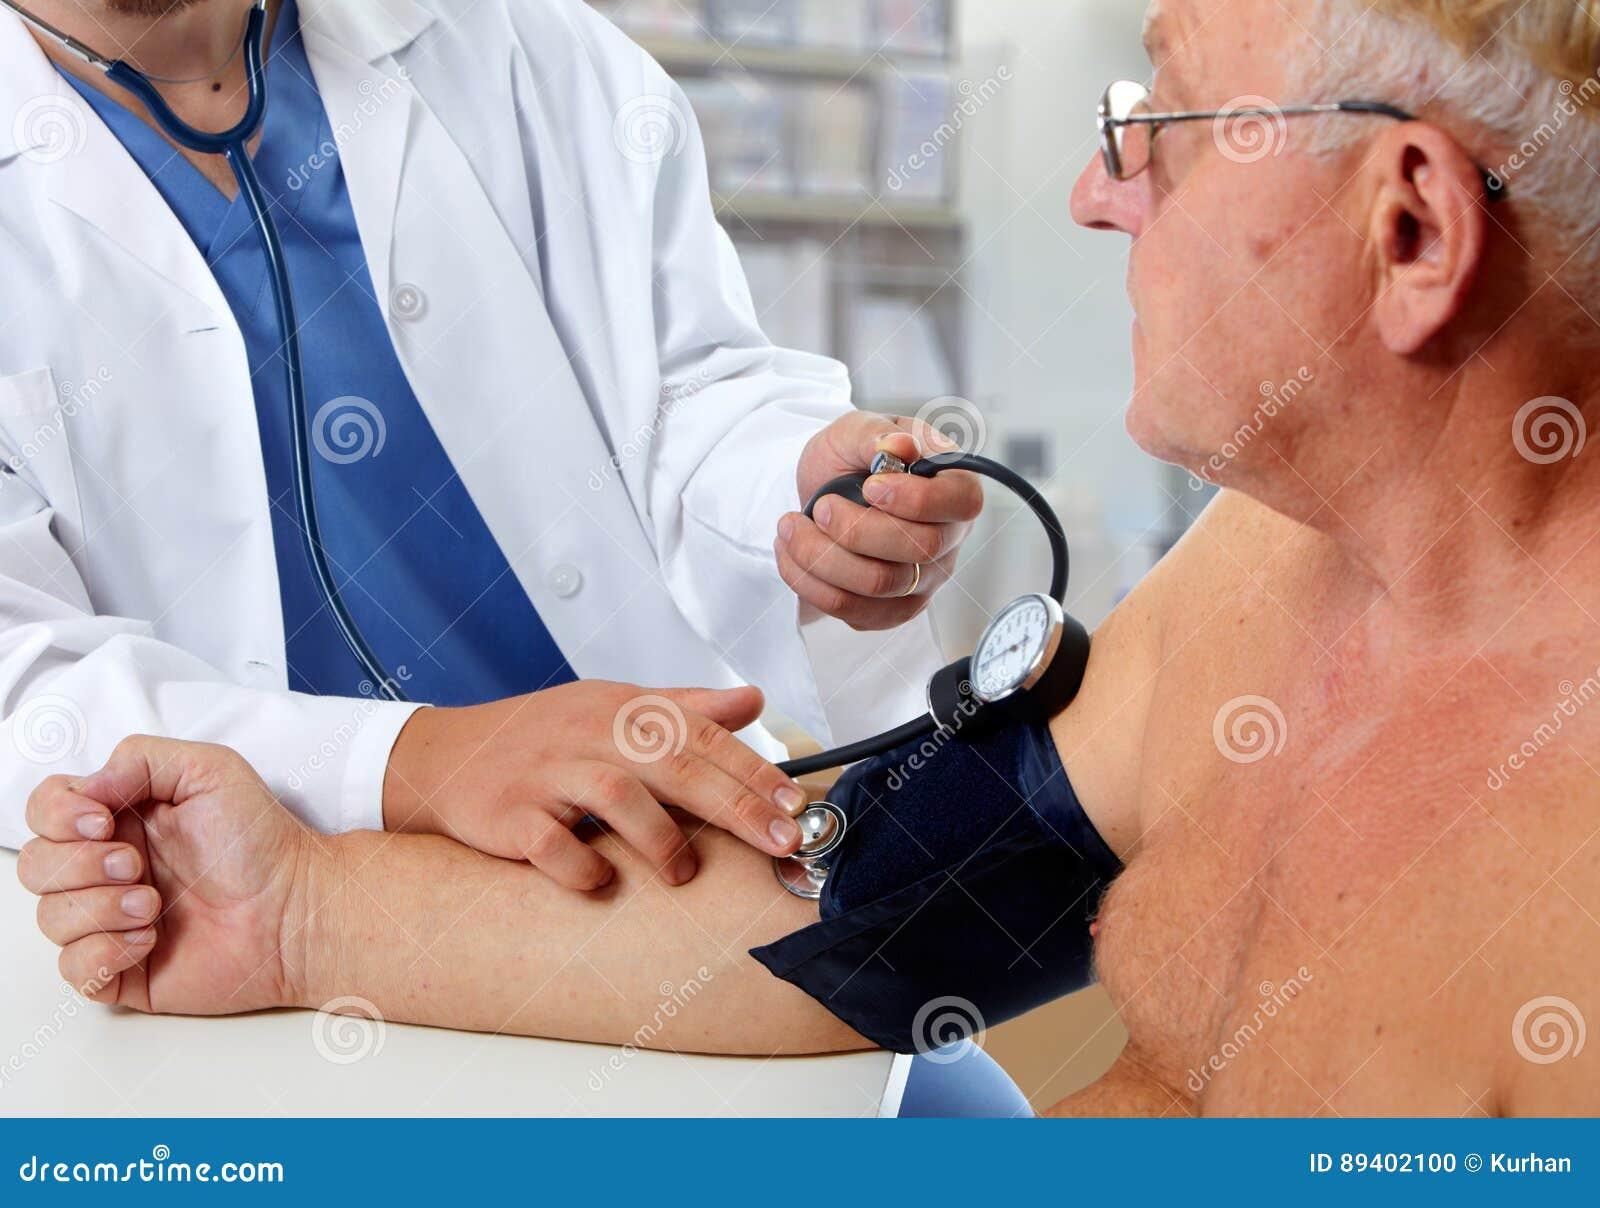 Pressão sanguínea de medição do doutor com sphygmomanometer